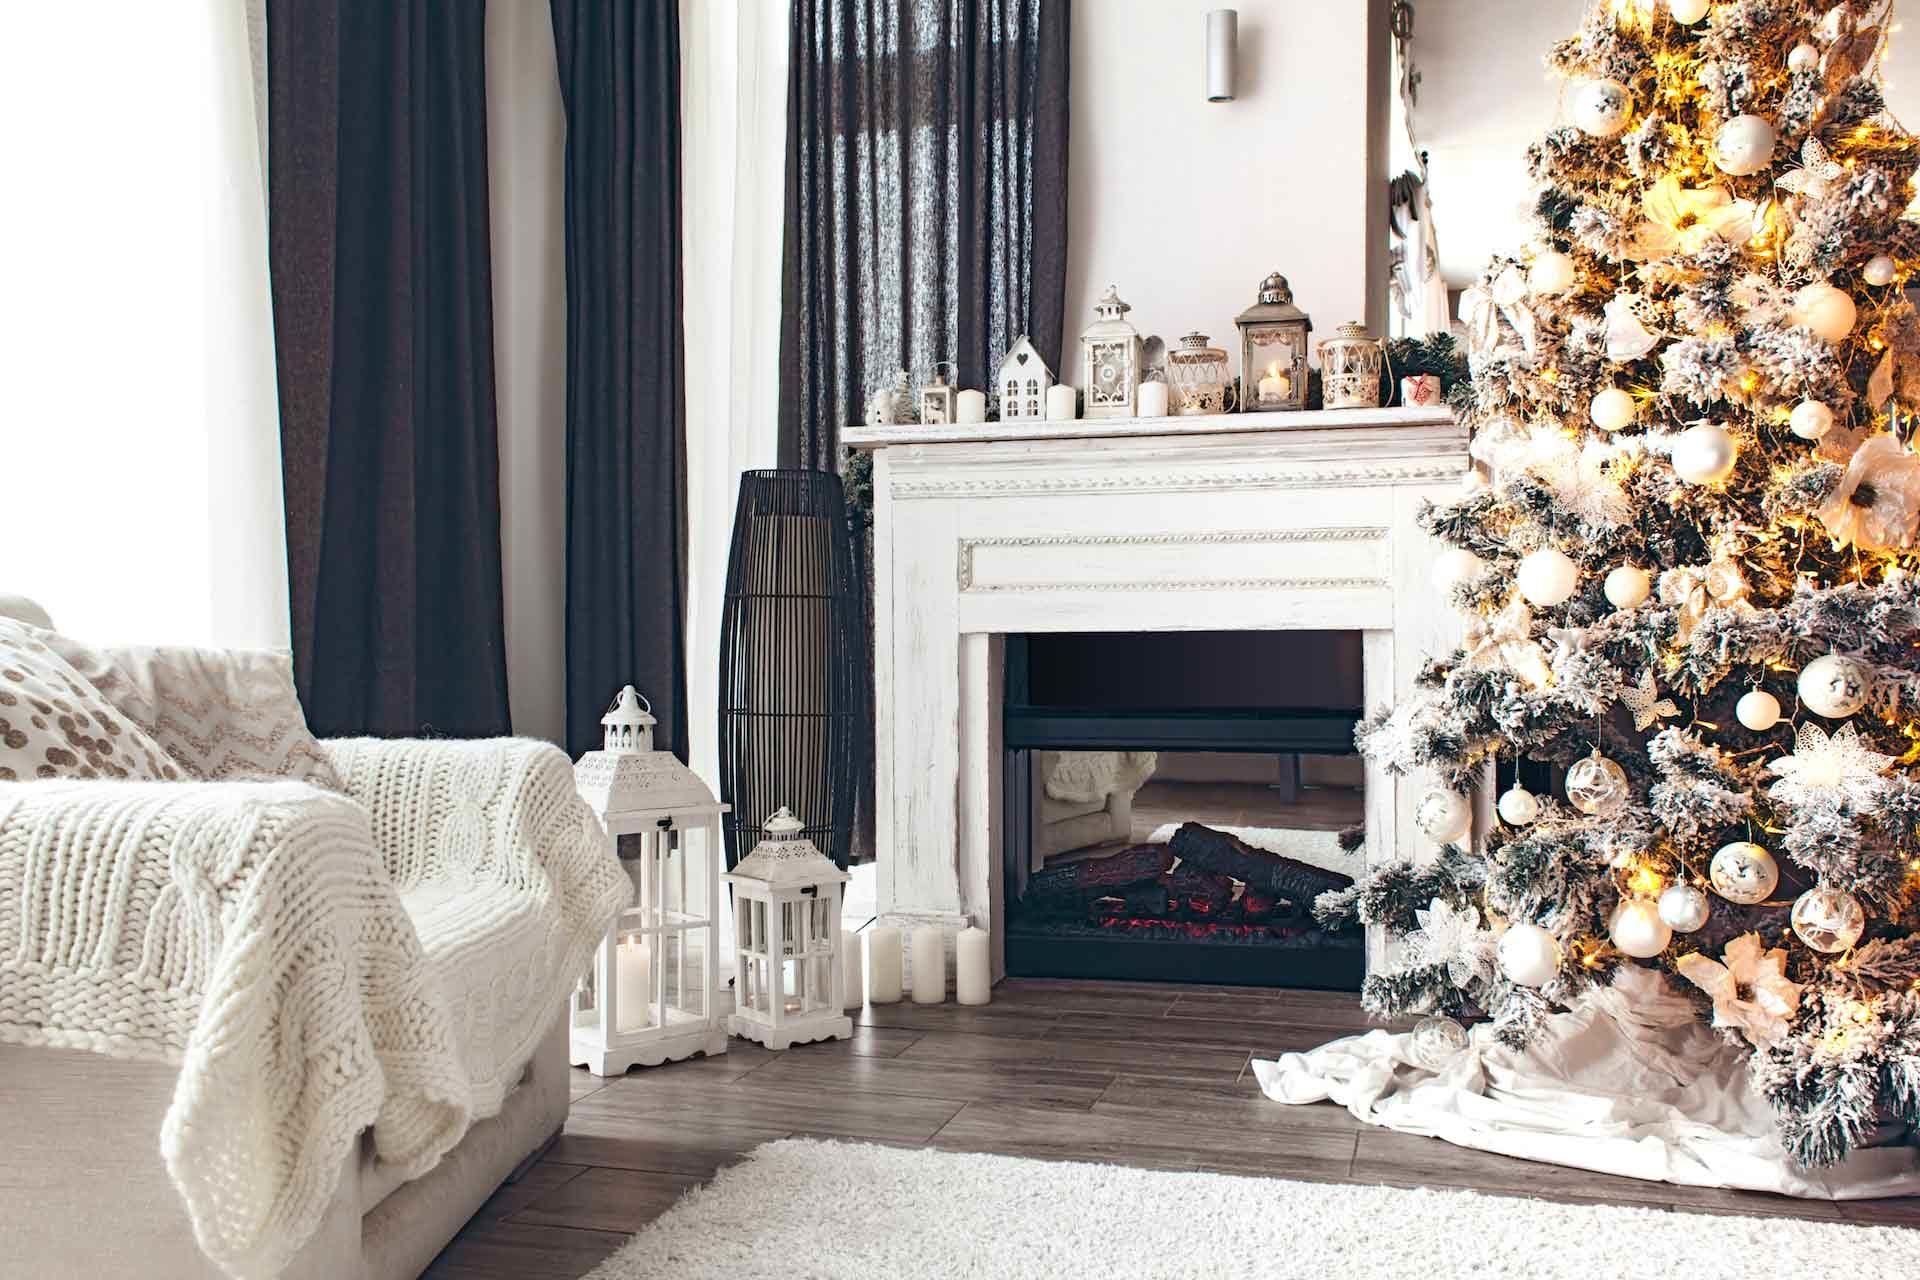 Arredamento natalizio: 5 idee pratiche